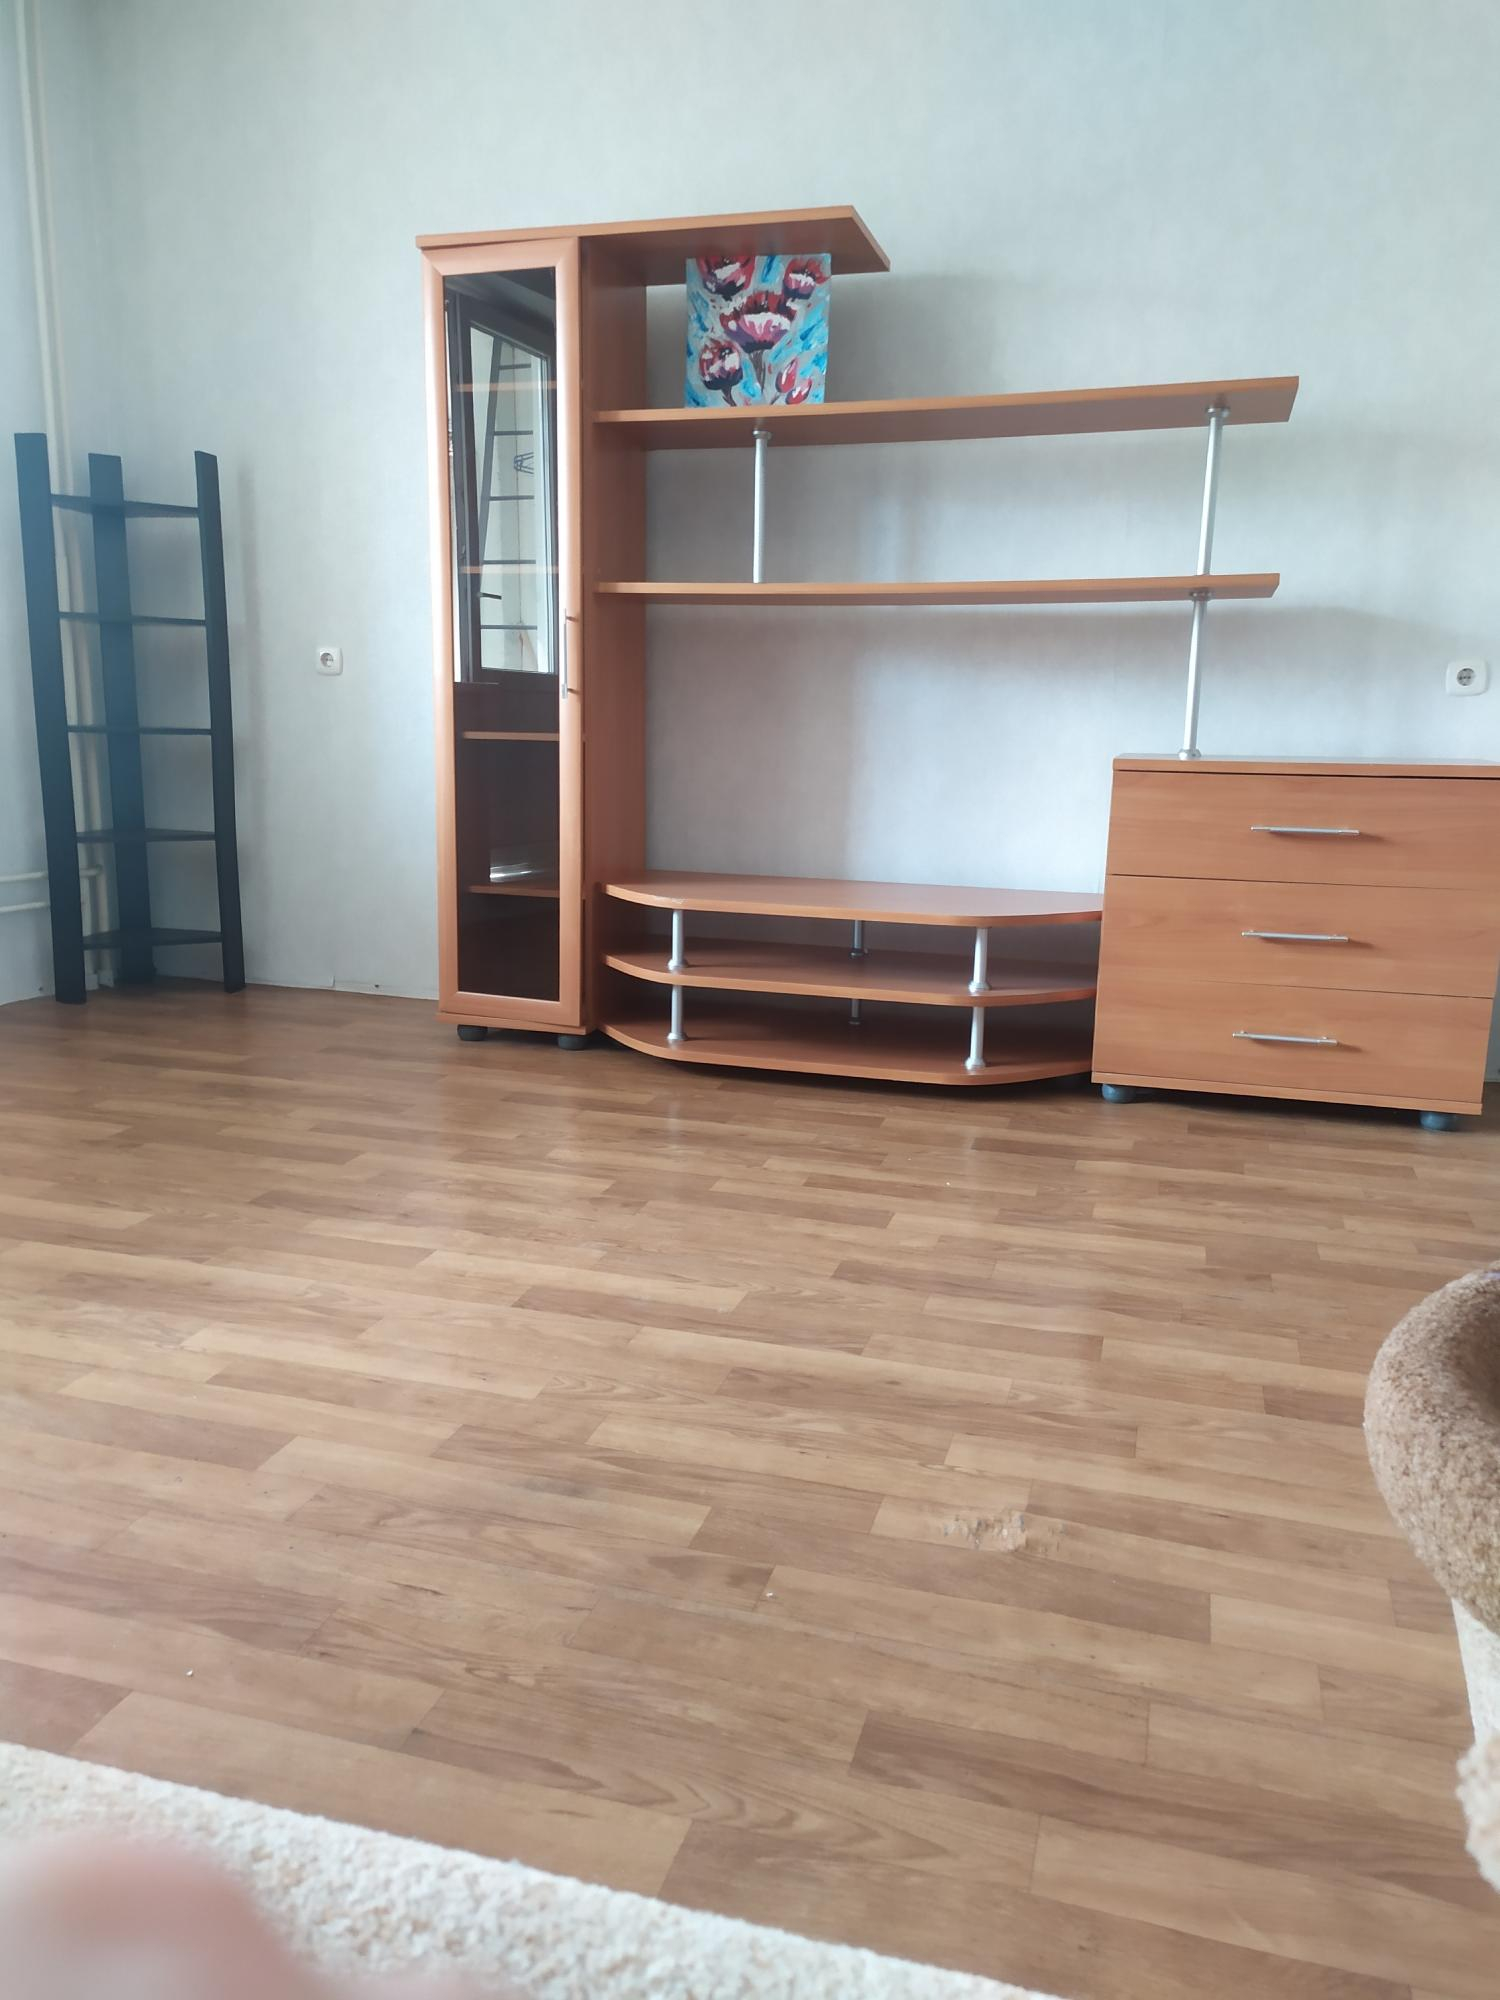 1к квартира улица Чернышевского, 104 | 14500 | аренда в Красноярске фото 1